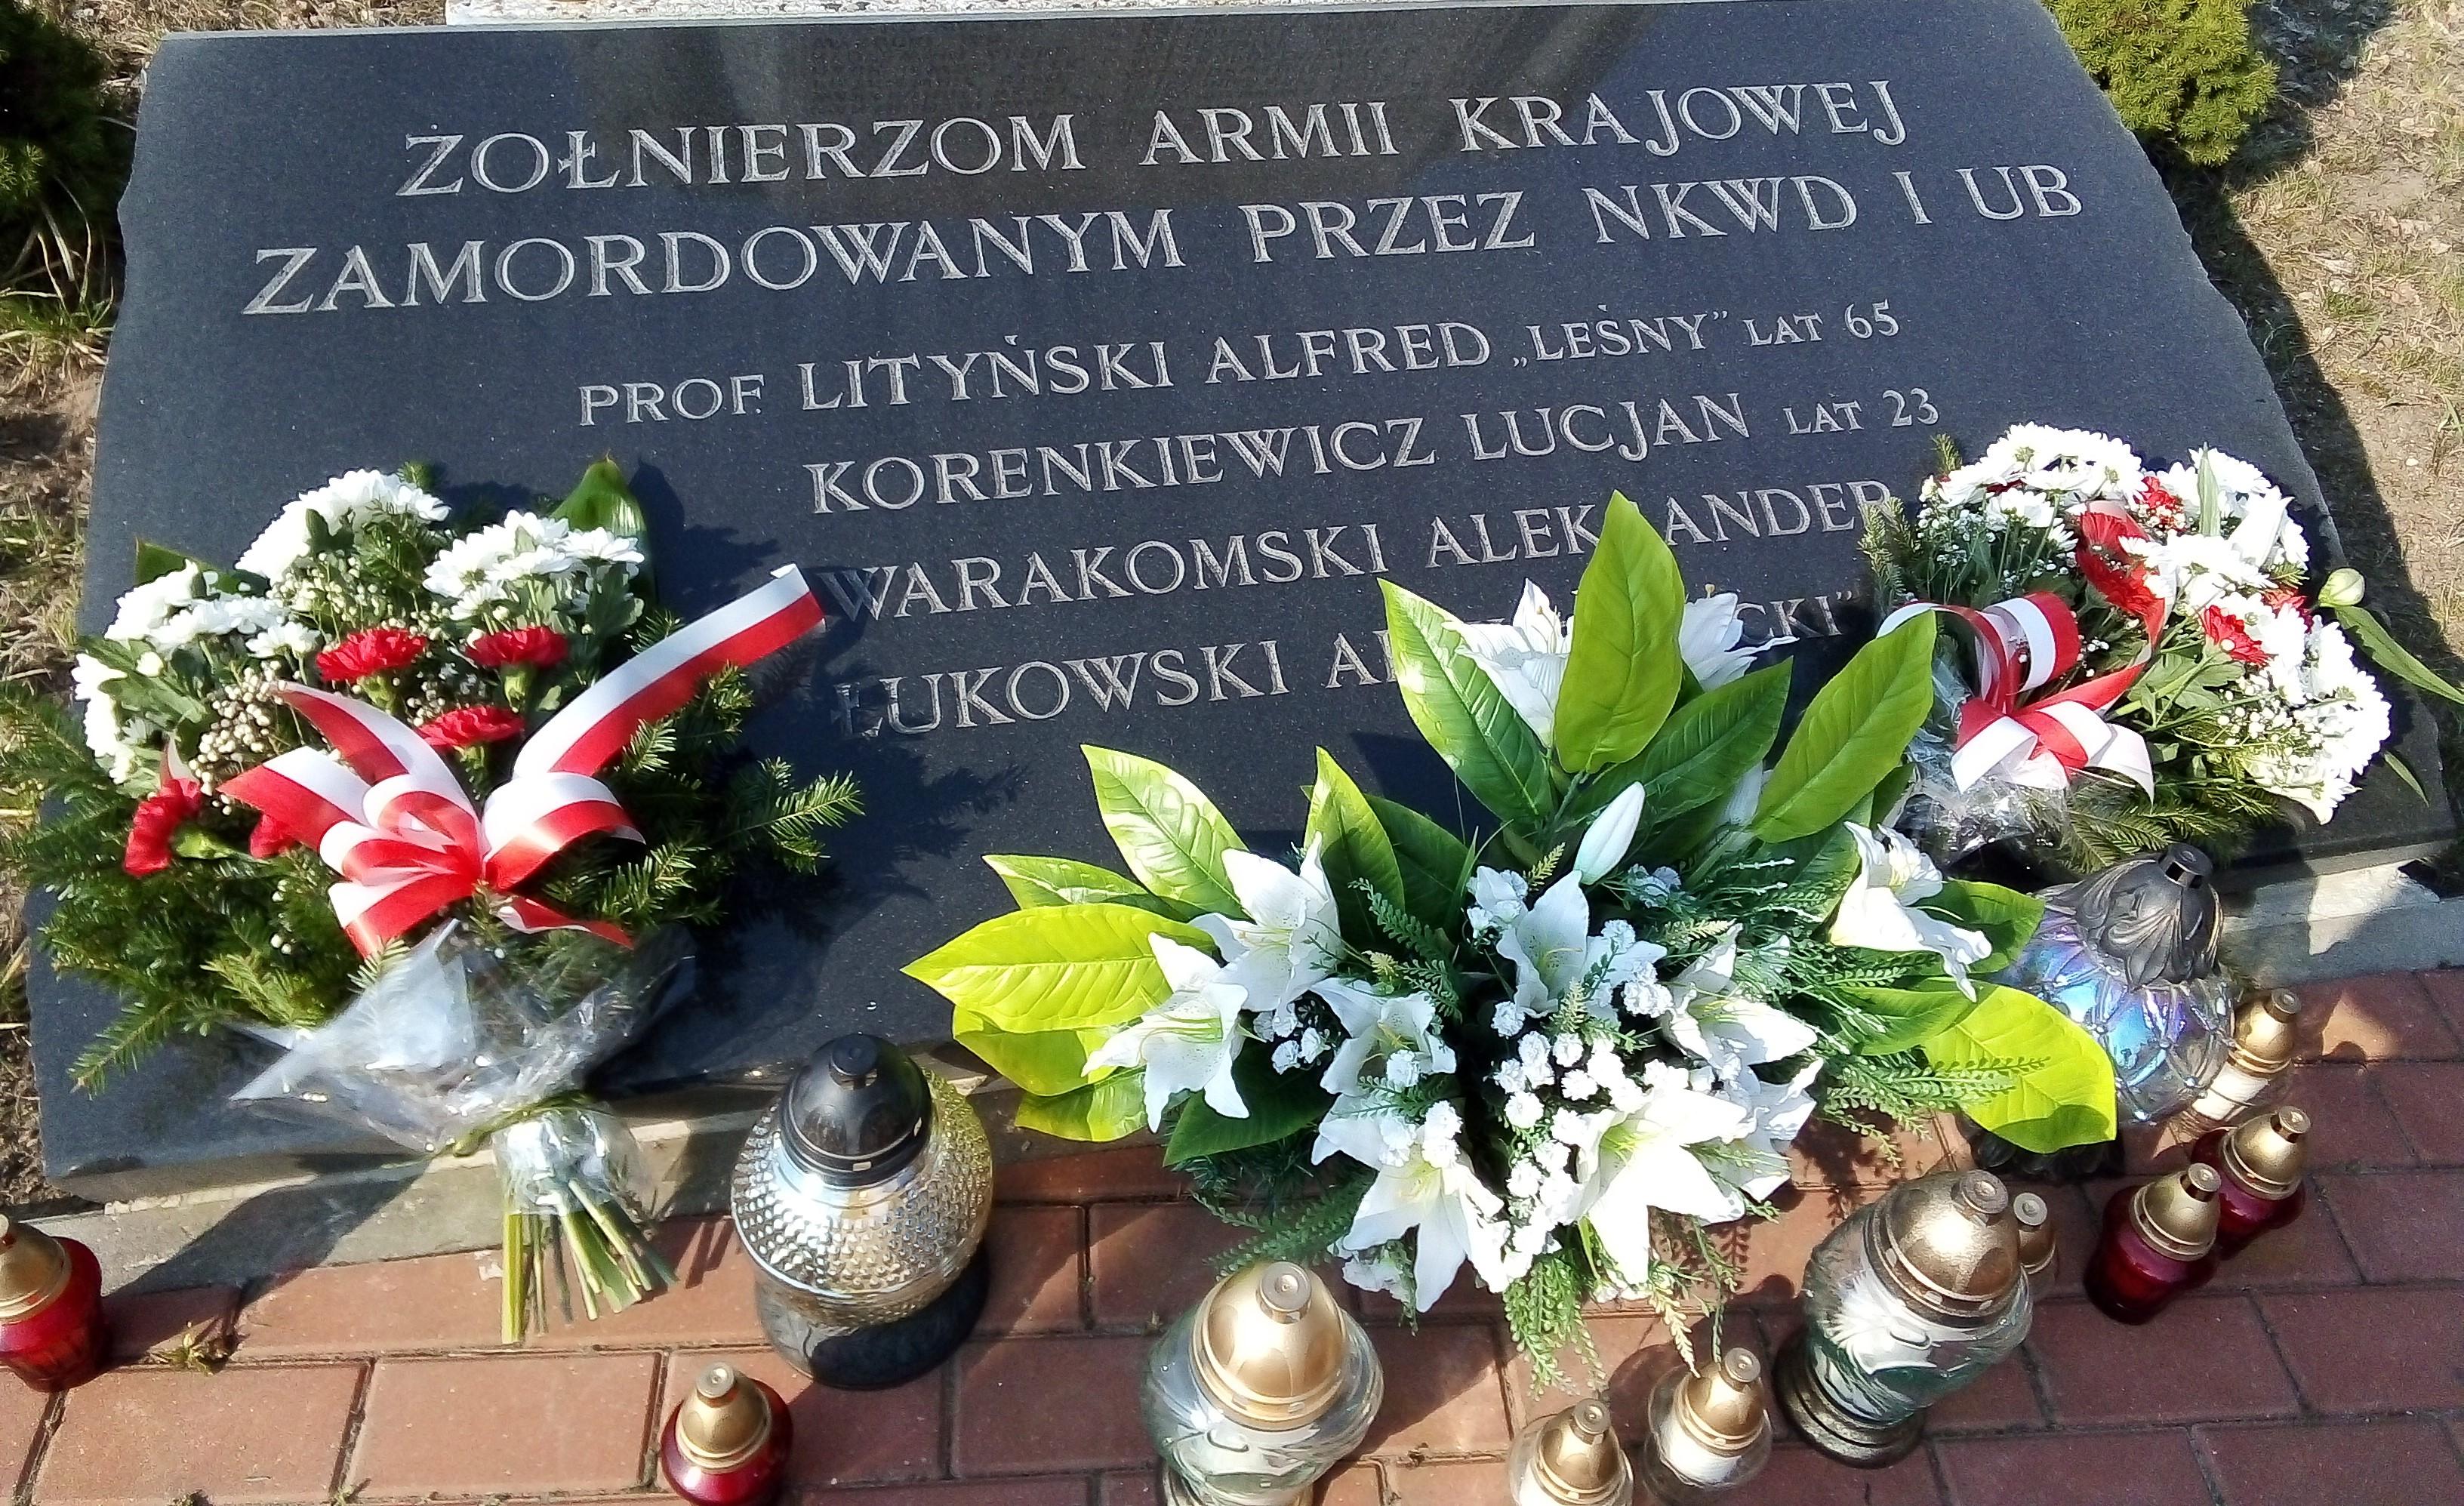 W hołdzie żołnierzom Armii Krajowej zamordowanym przez NKWD i SB